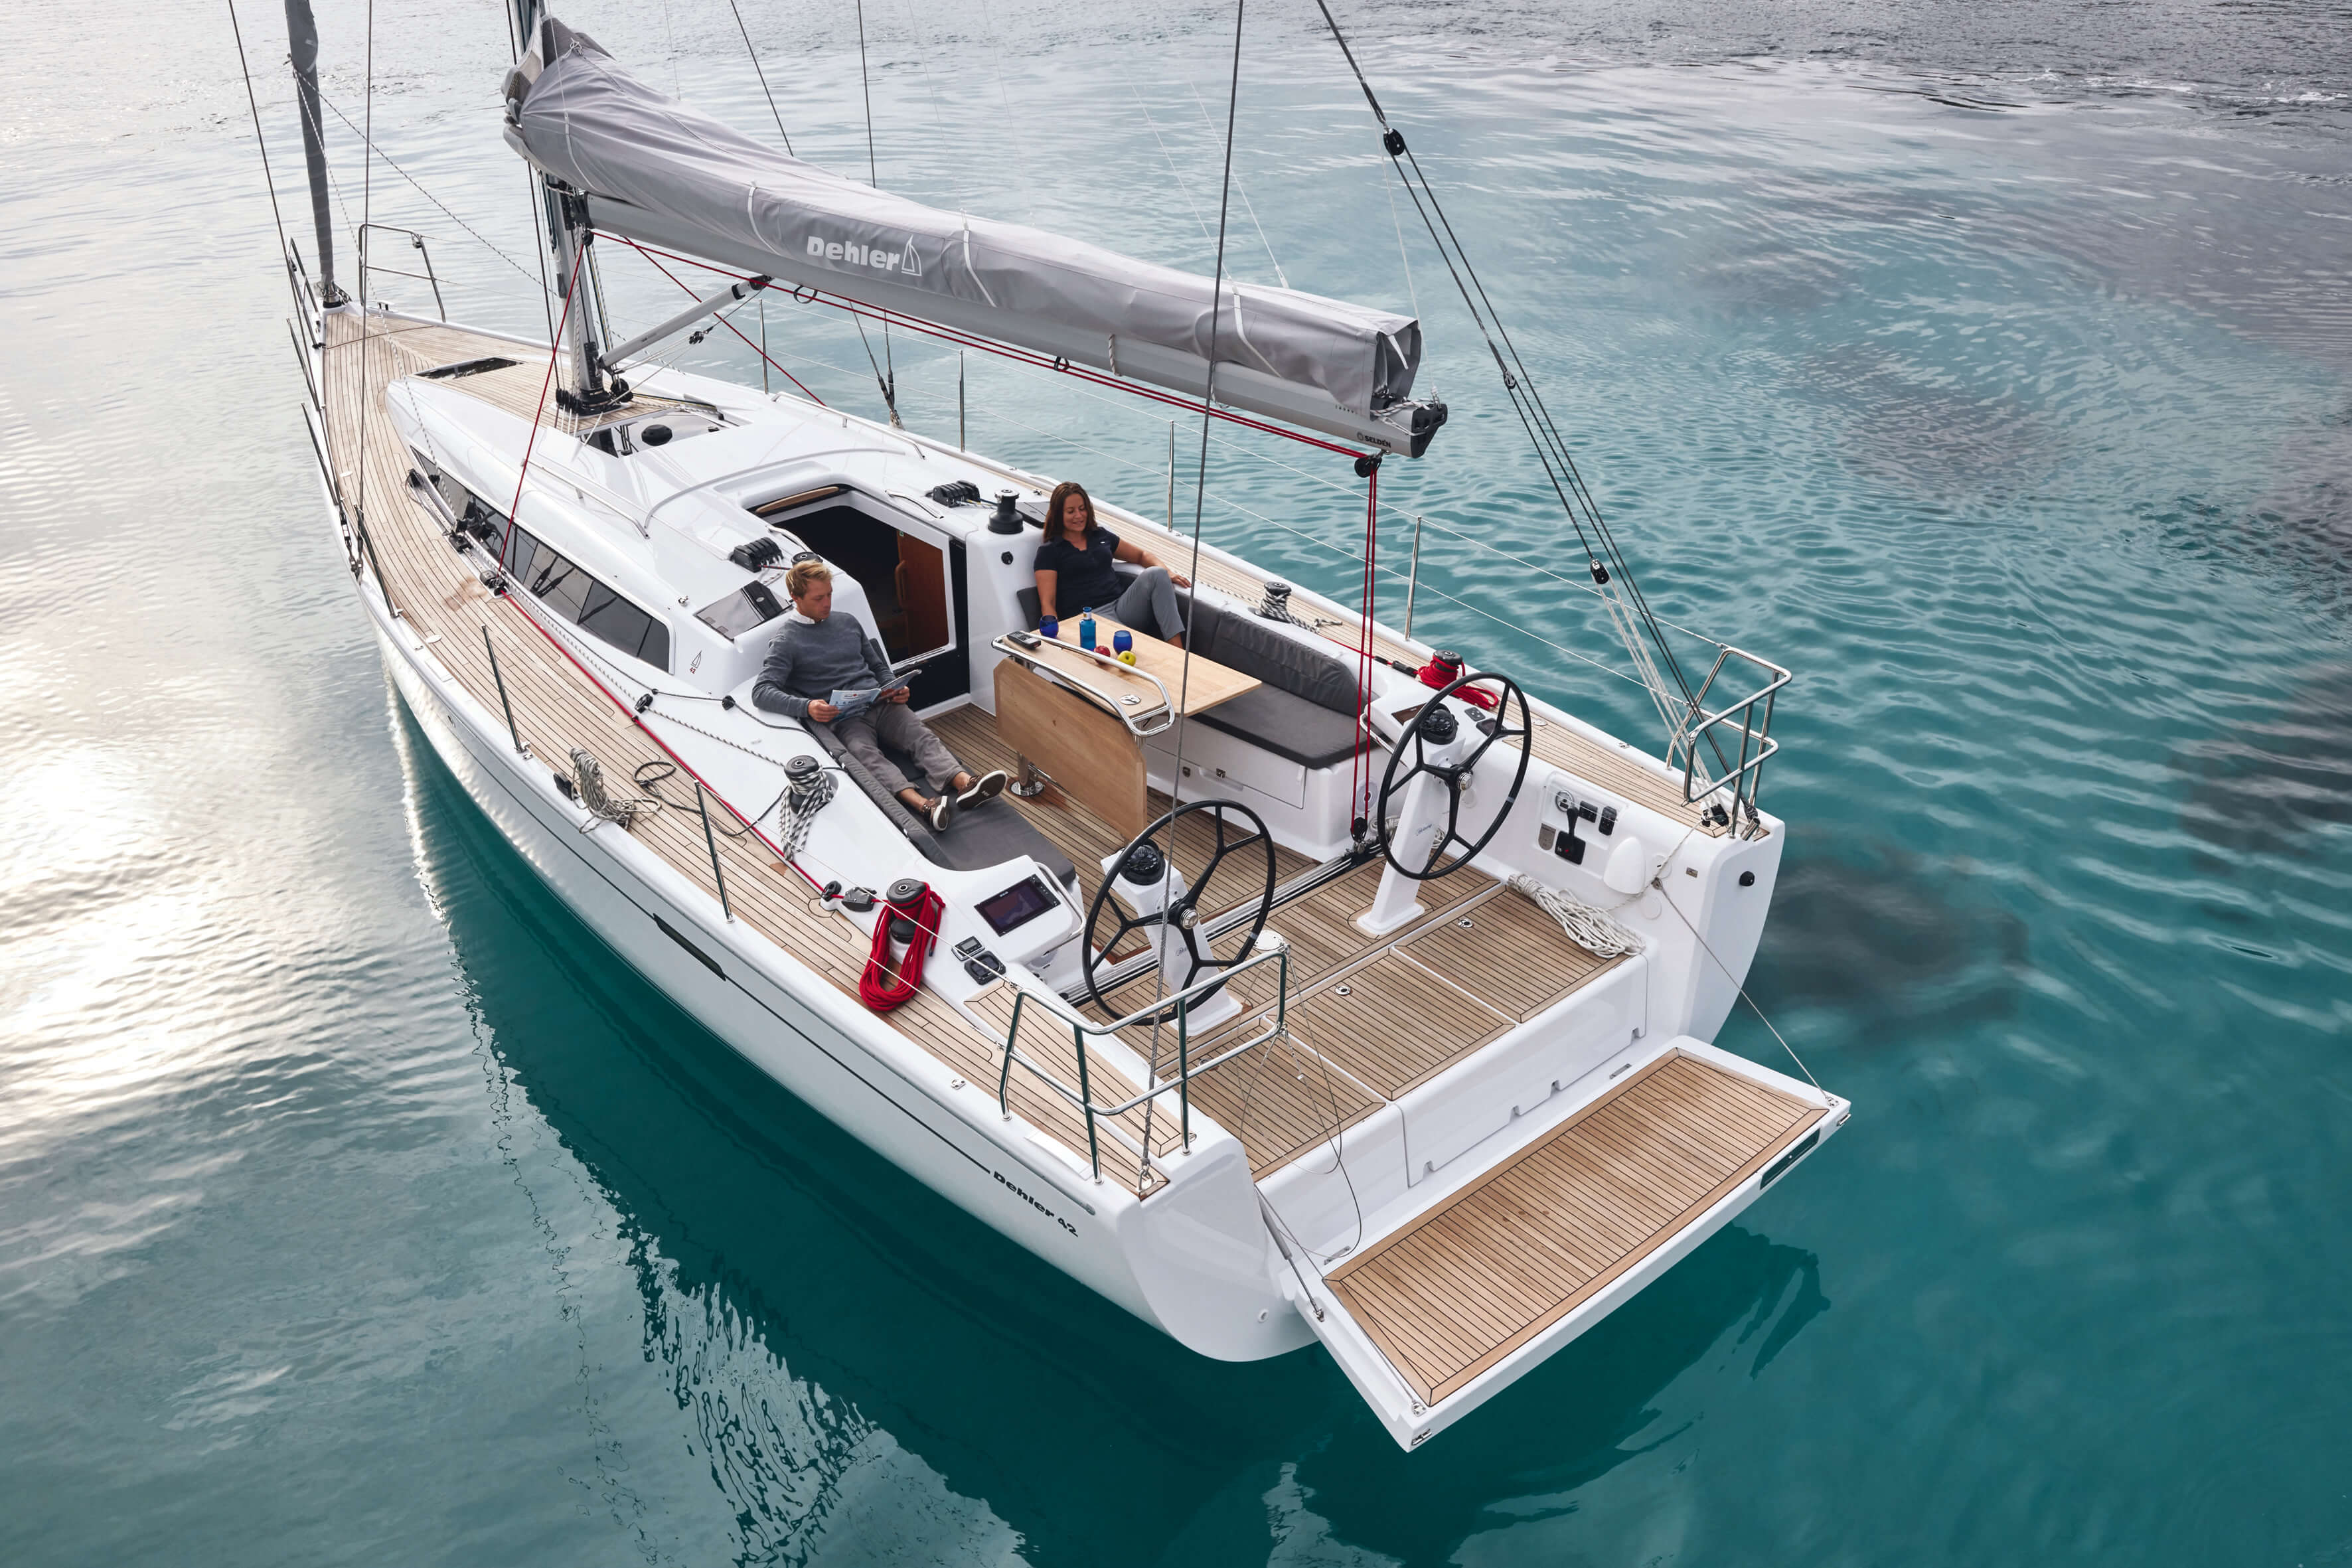 Dehler 42 Exterior Sailing | Dehler 42_Segeln_23_0516_028.jpg | Dehler